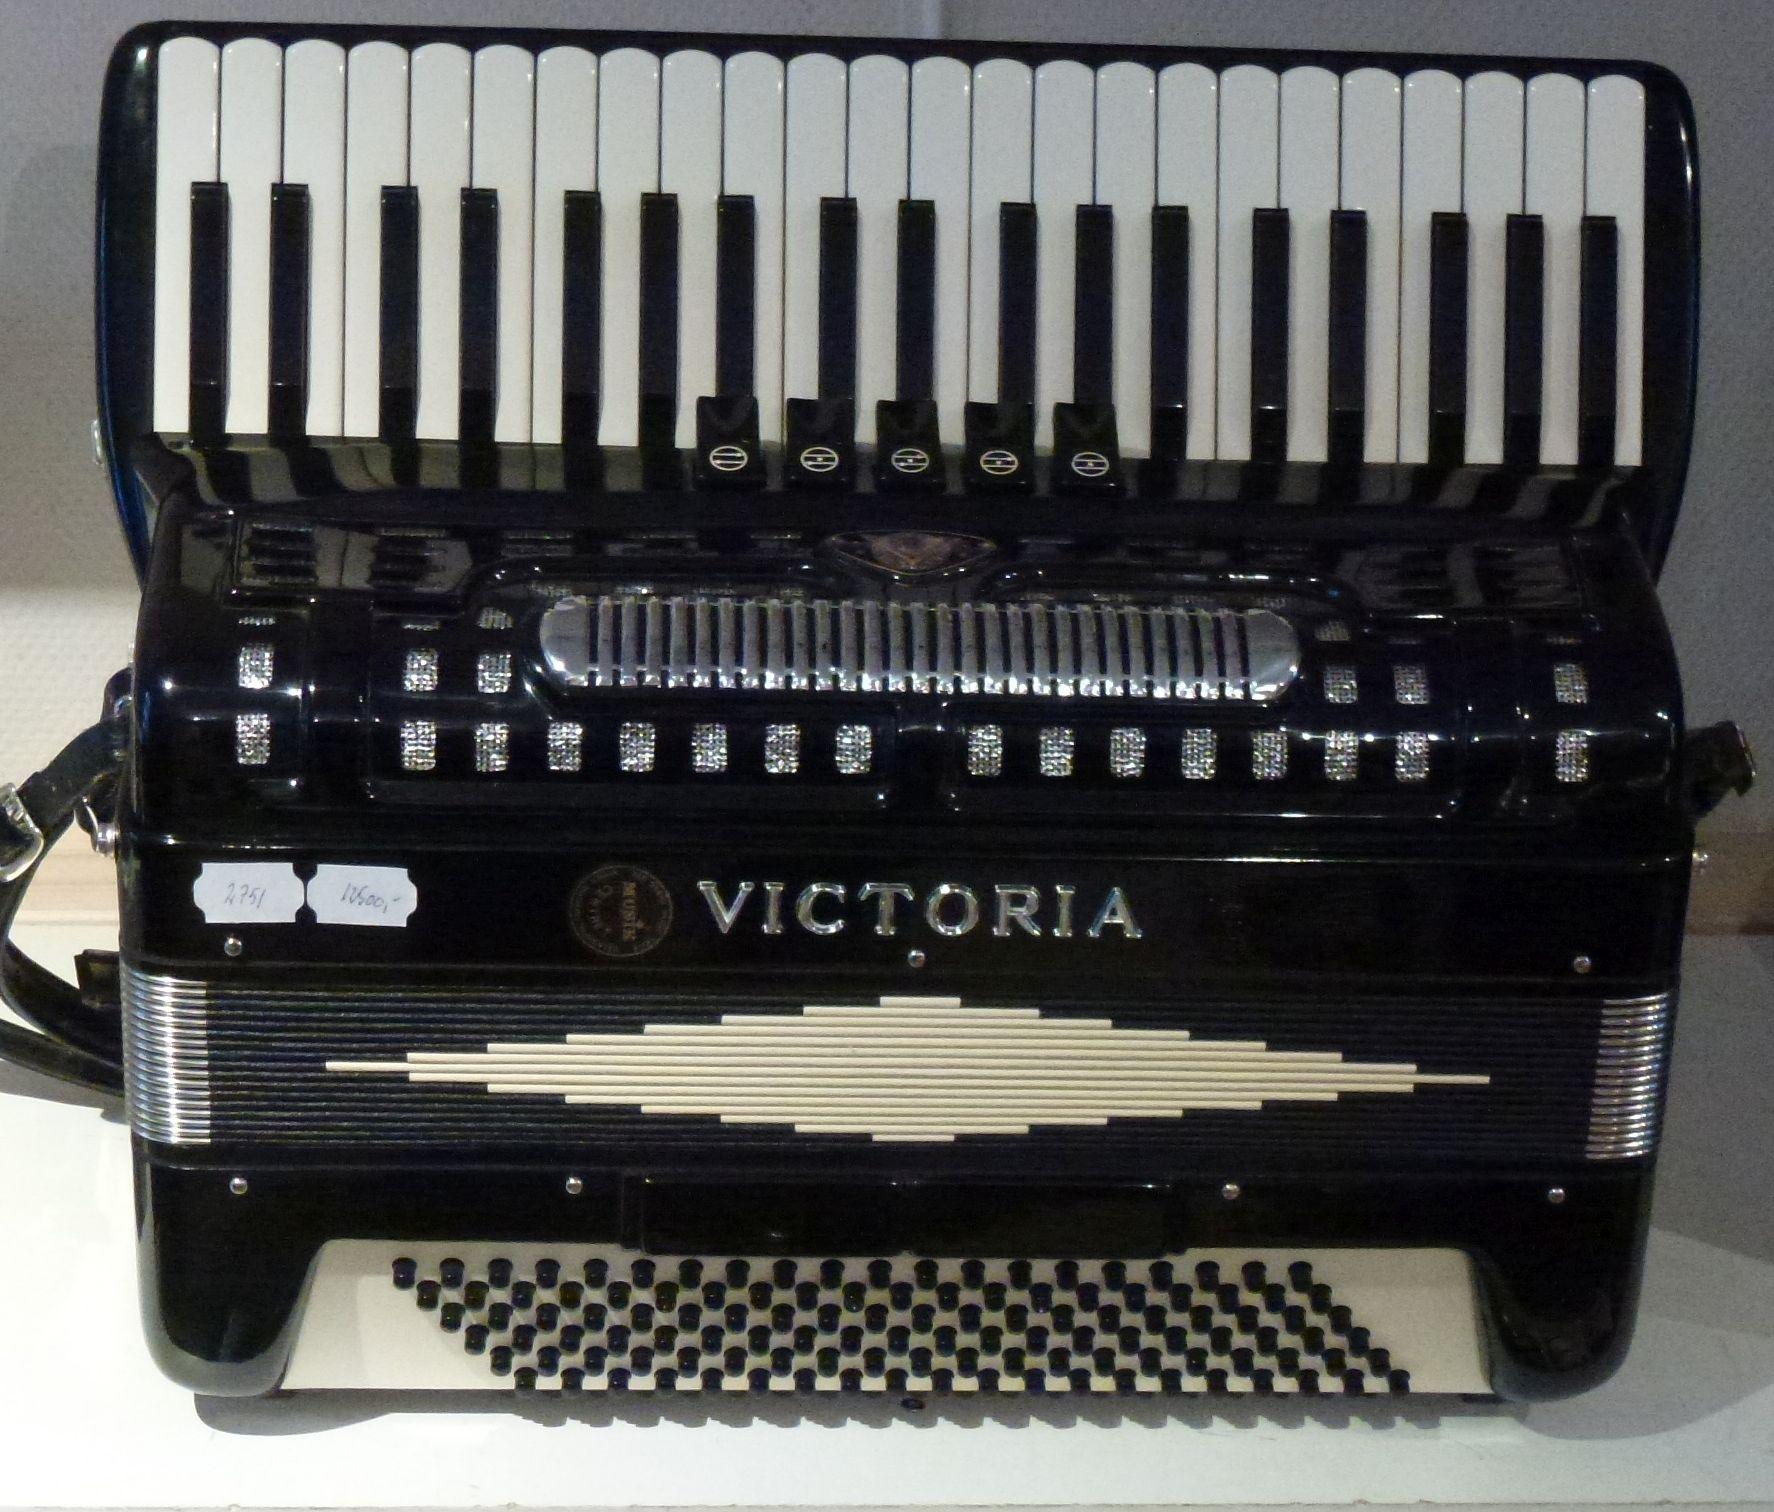 Victoria <br />Meget let harmonika med flotte stemmer